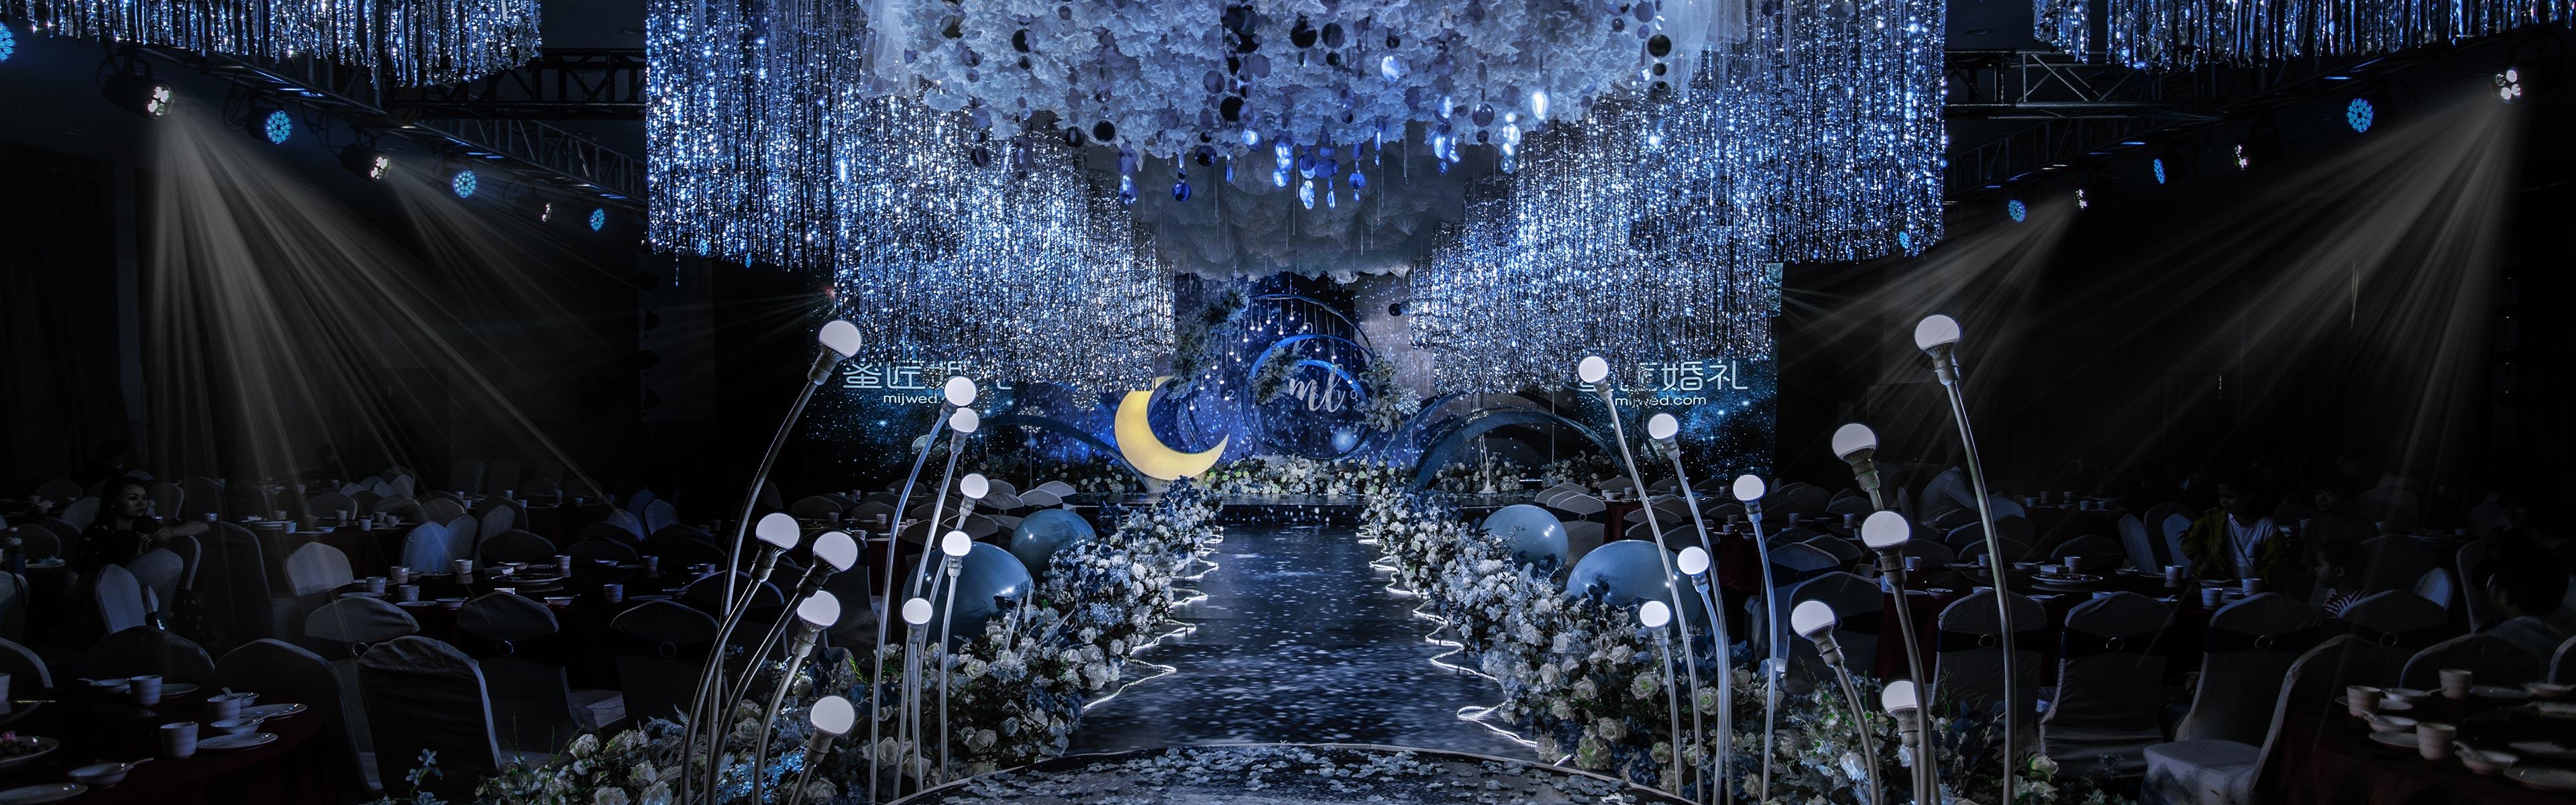 长沙婚庆策划案例:la luan | 河南 郑州